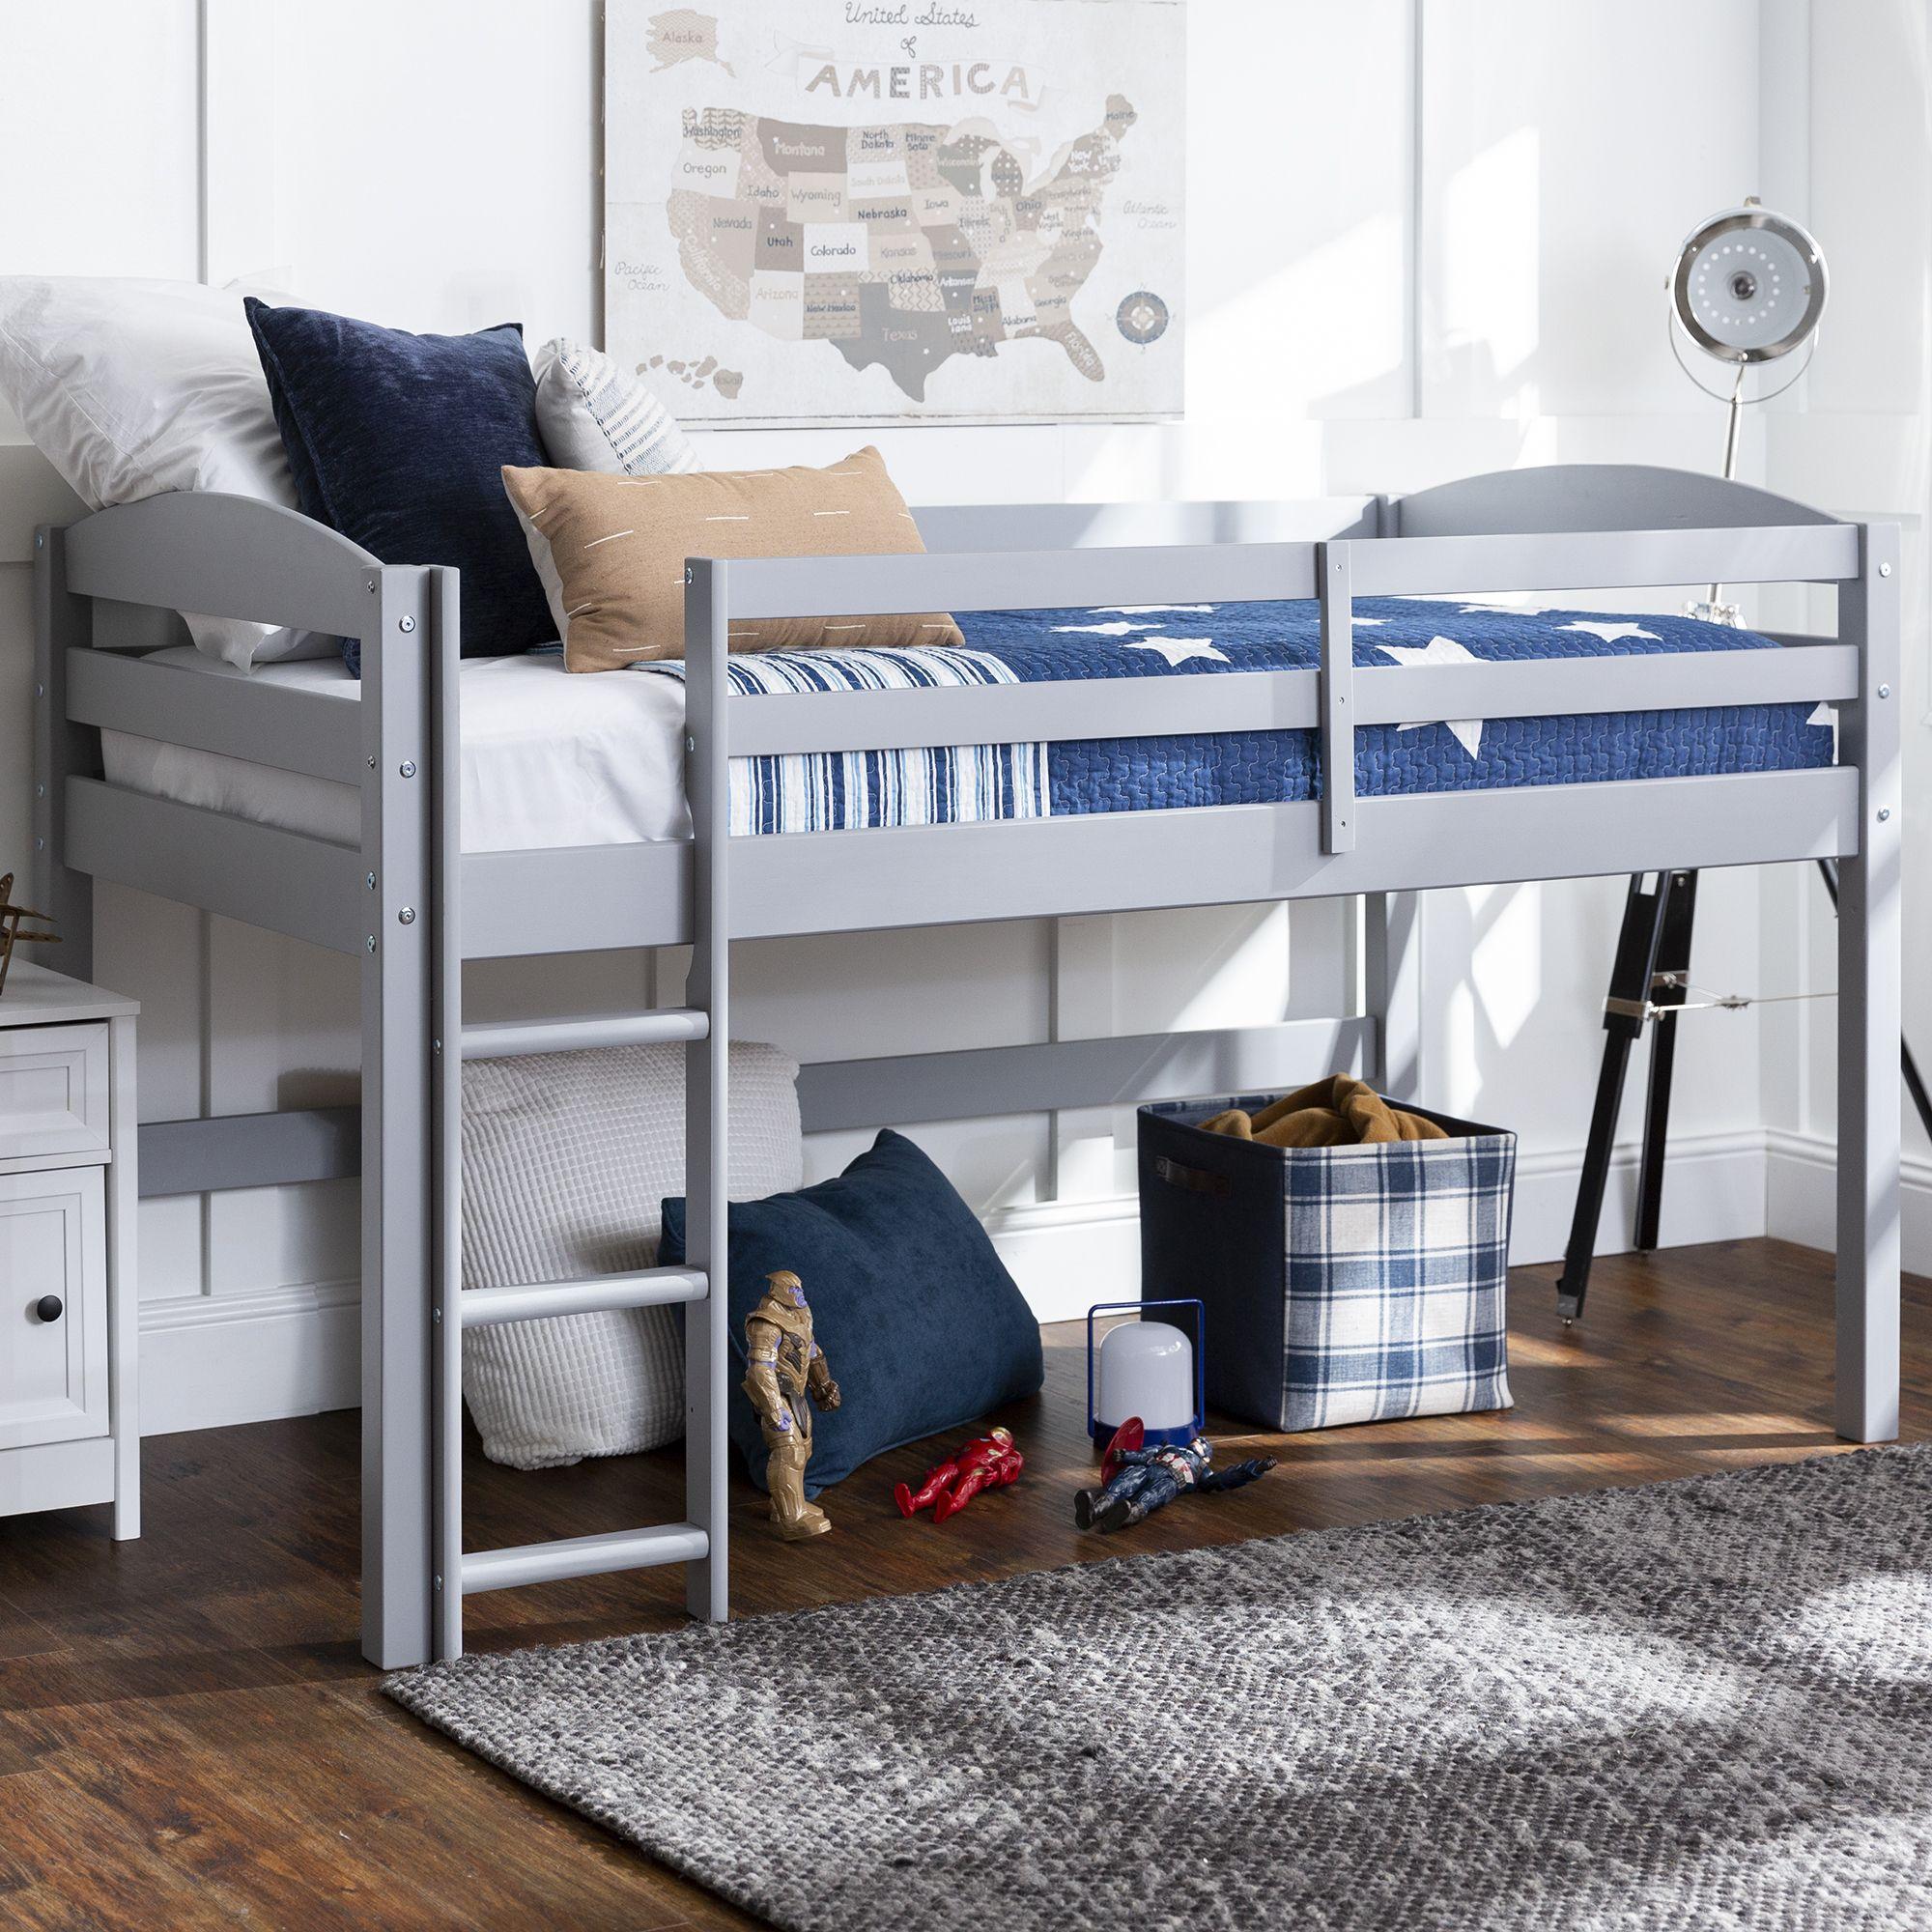 Home In 2020 Low Loft Beds Junior Loft Beds Bunk Beds Built In